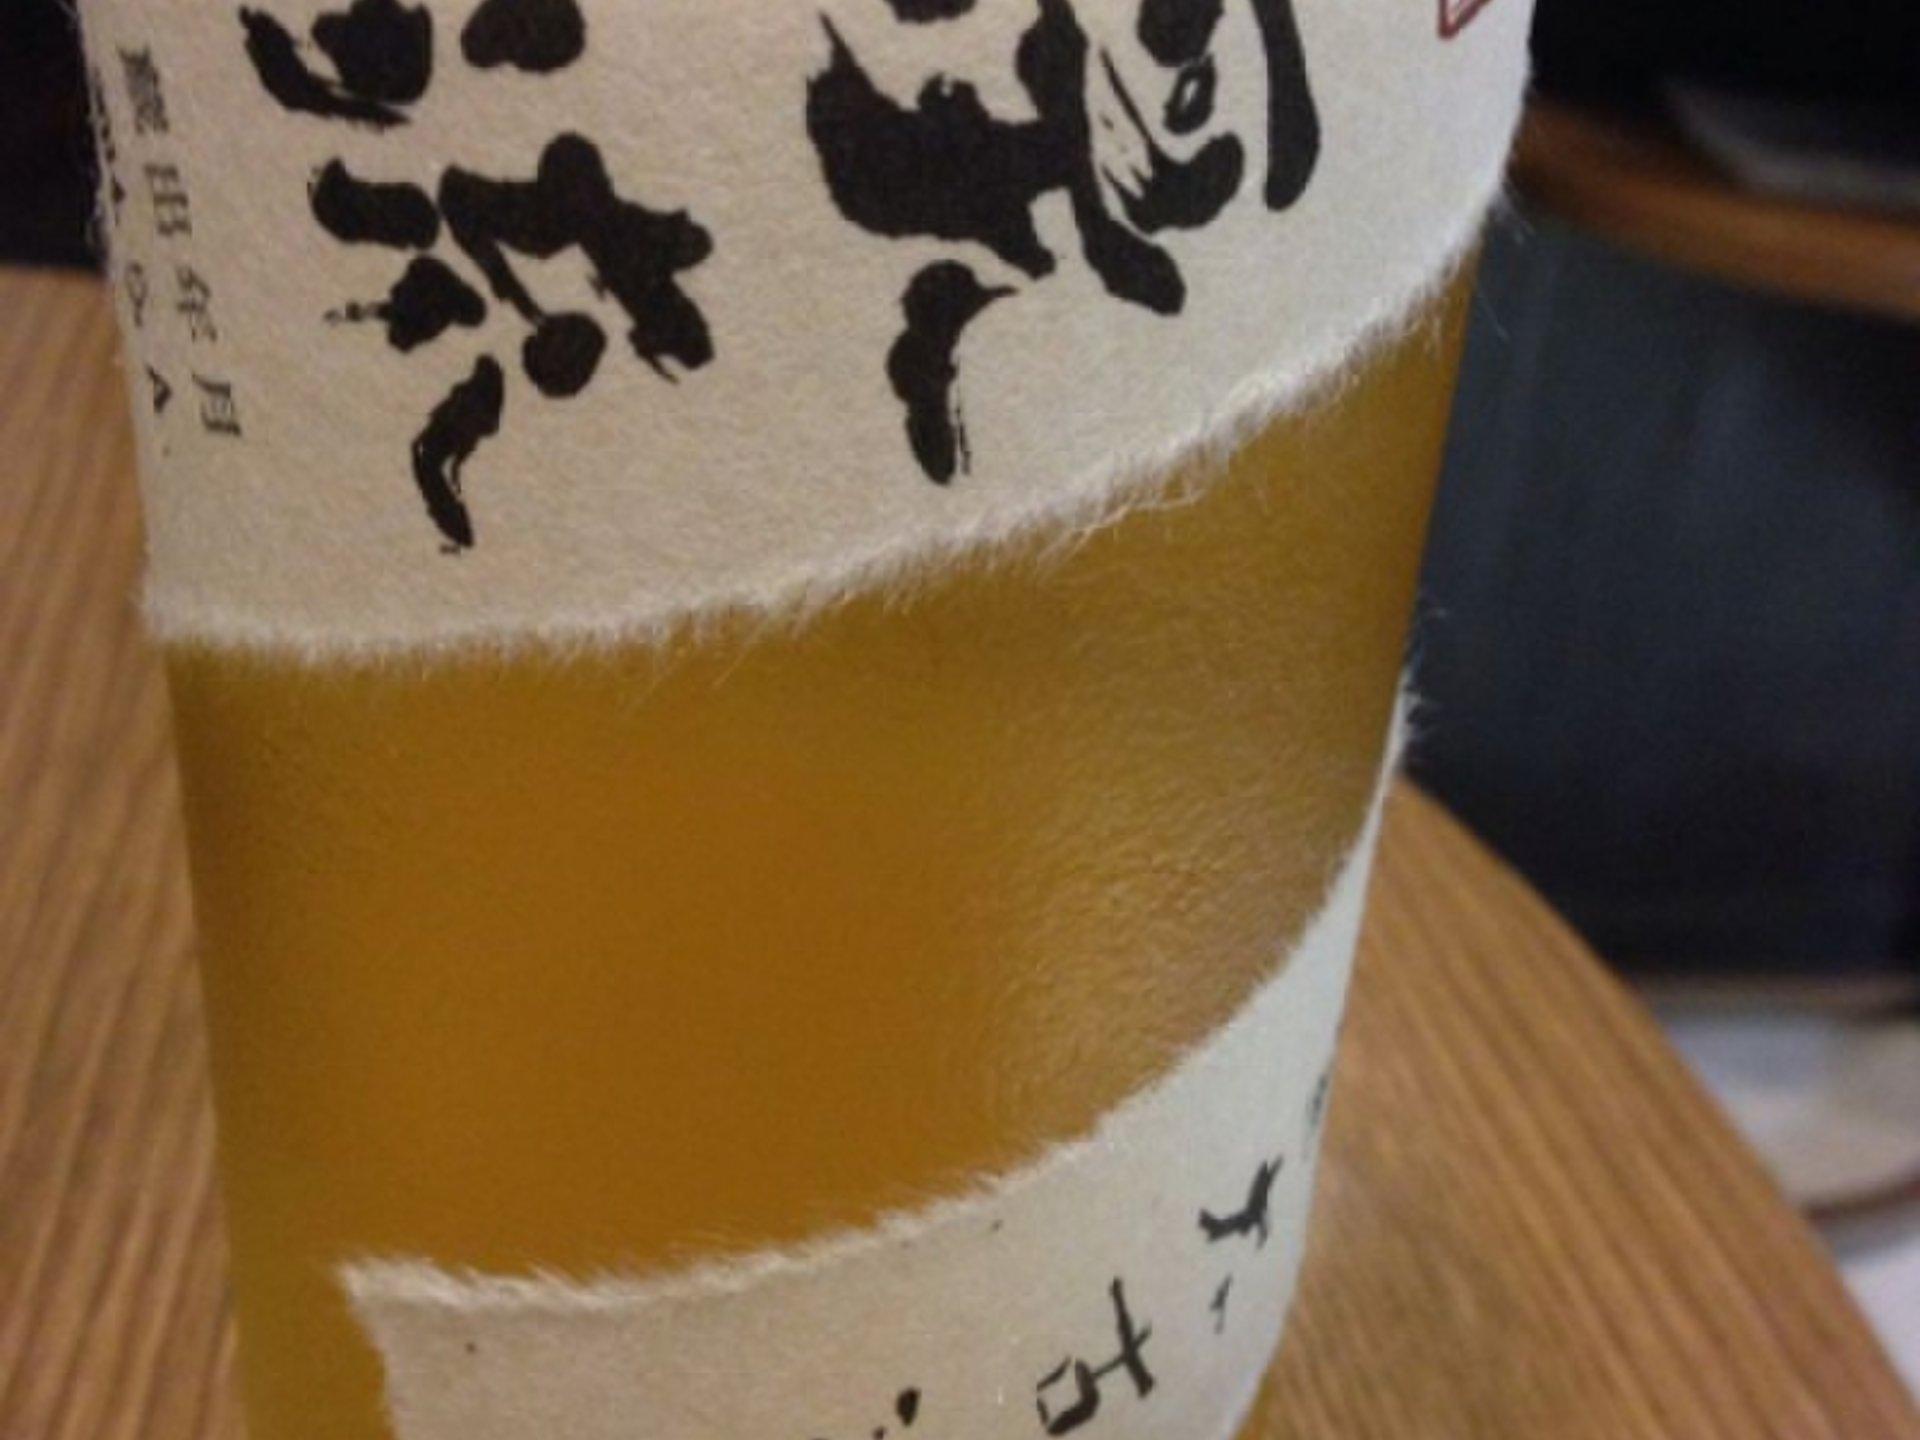 仕事がえりは新橋周辺で美味しい日本酒を吞んで帰ろう!はしごも楽しいお店をご紹介します。